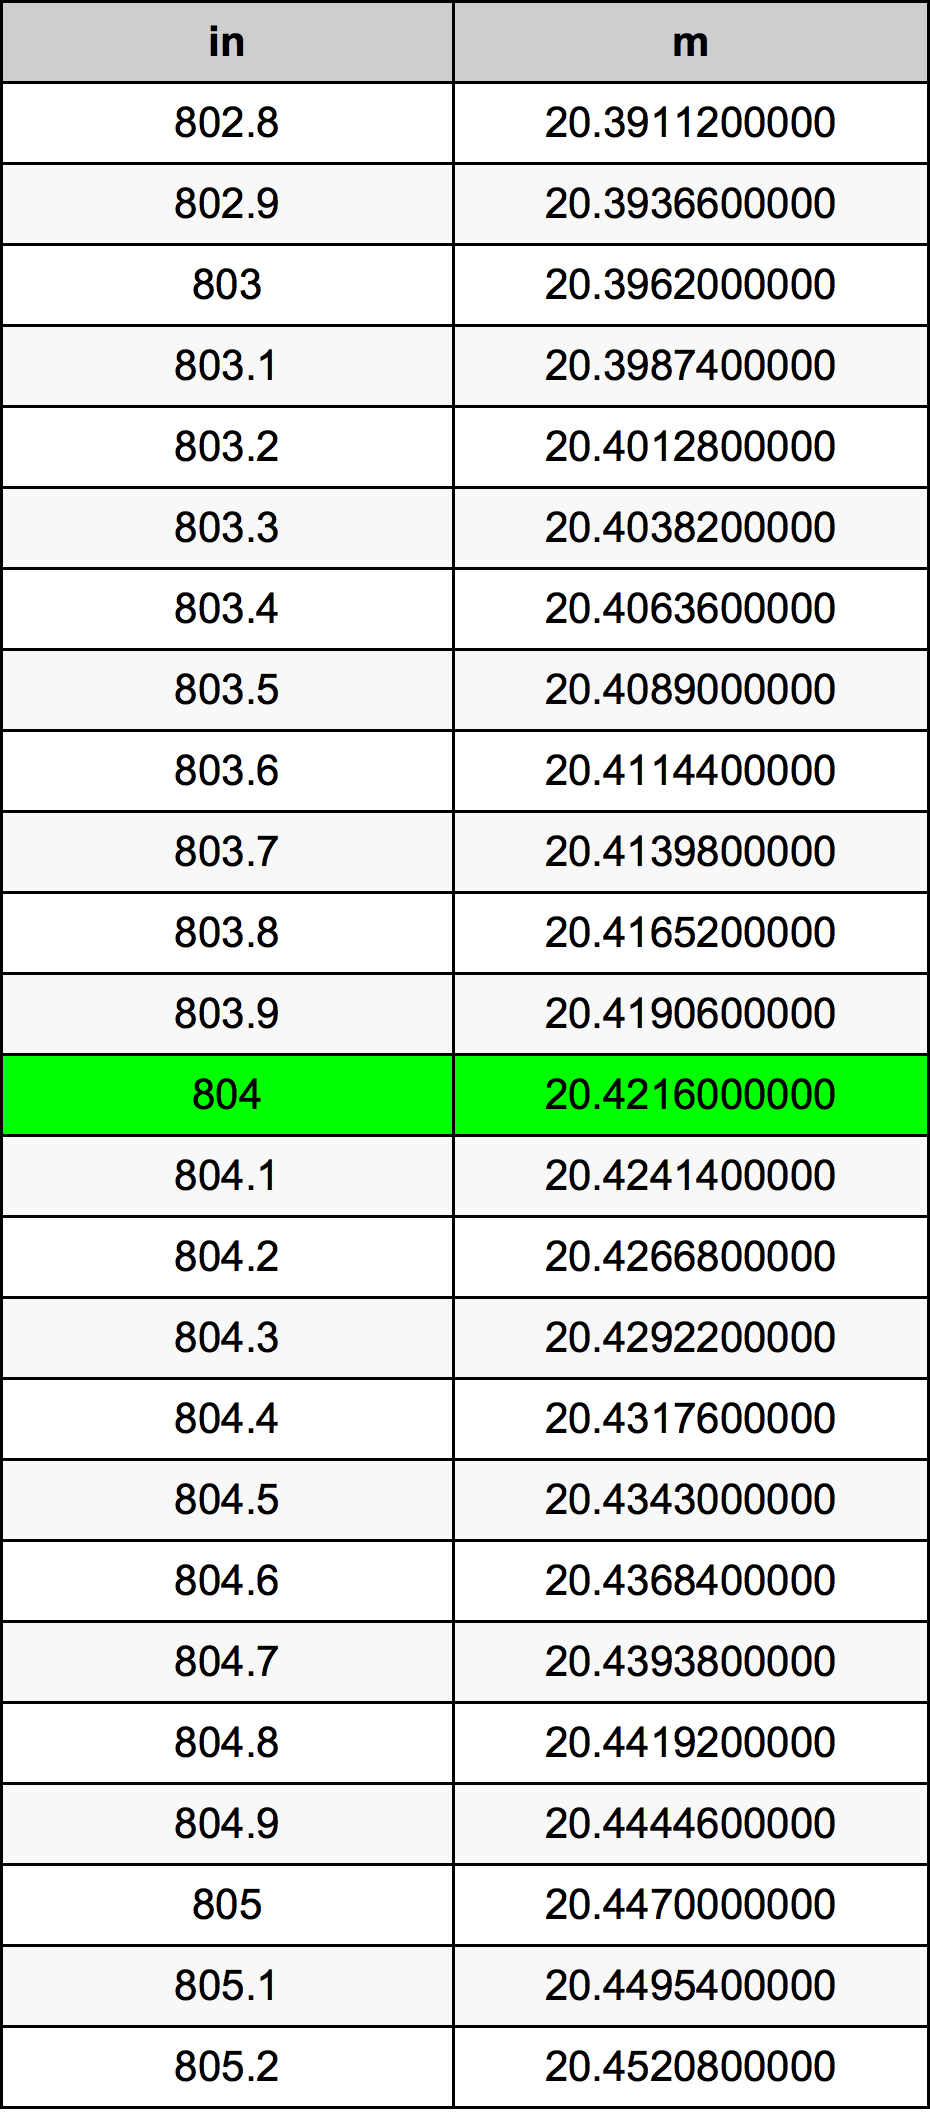 804 英寸换算表